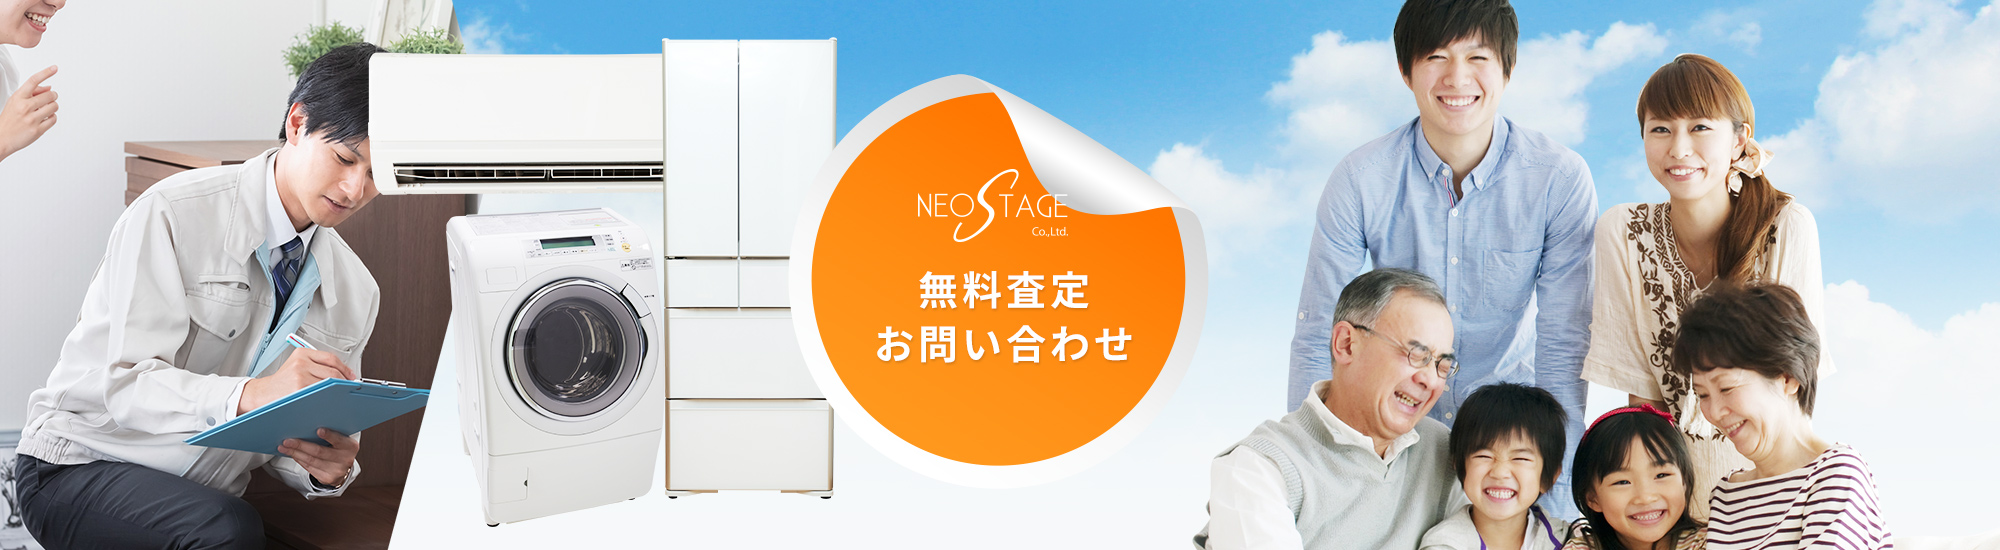 無料査定/お問い合わせ